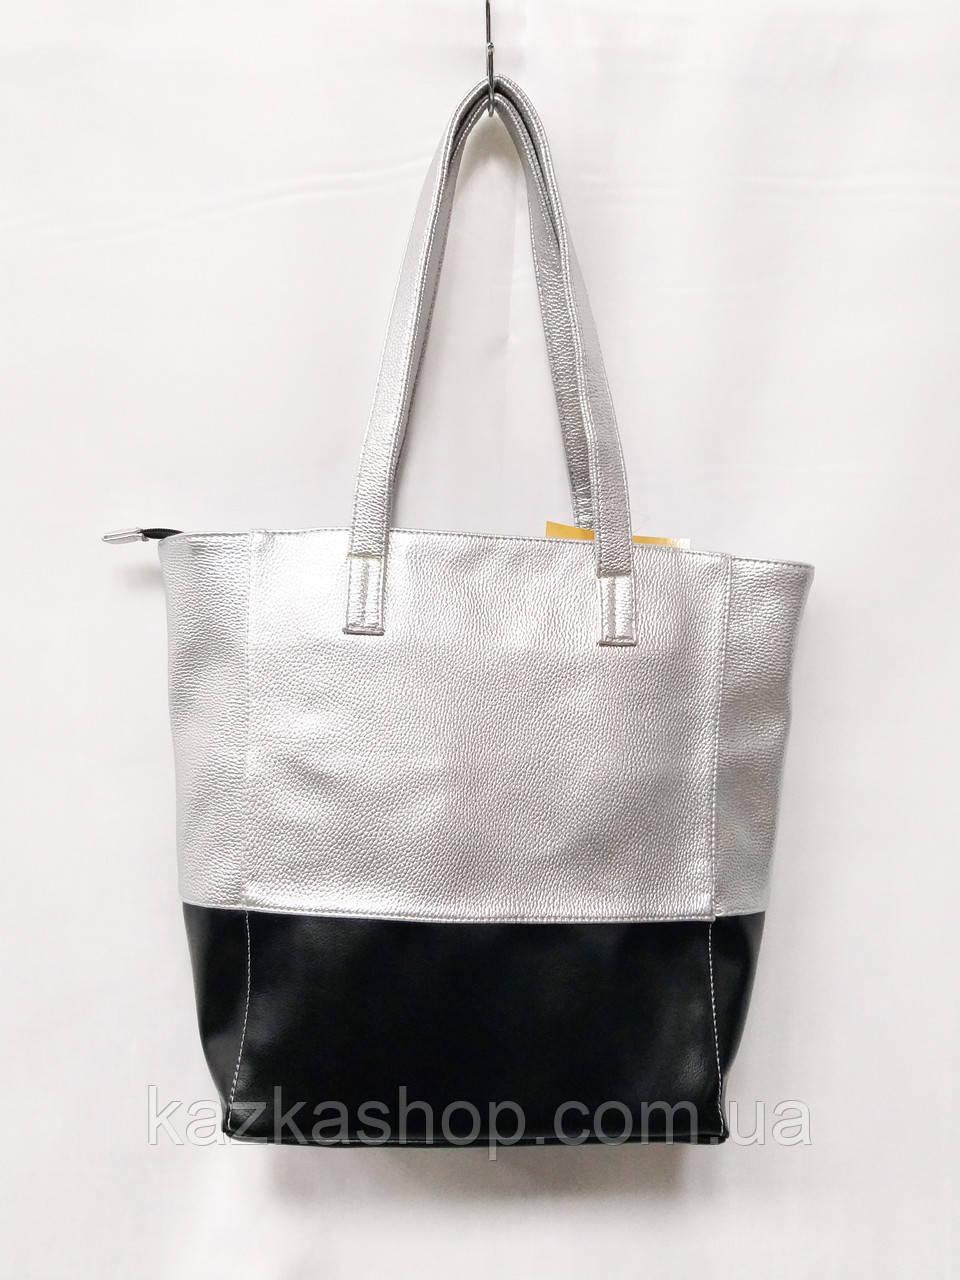 181bb546f443 Женская сумка шоппер серого цвета с черной вставкой украинского  производителя арт. 165 - Интернет магазин